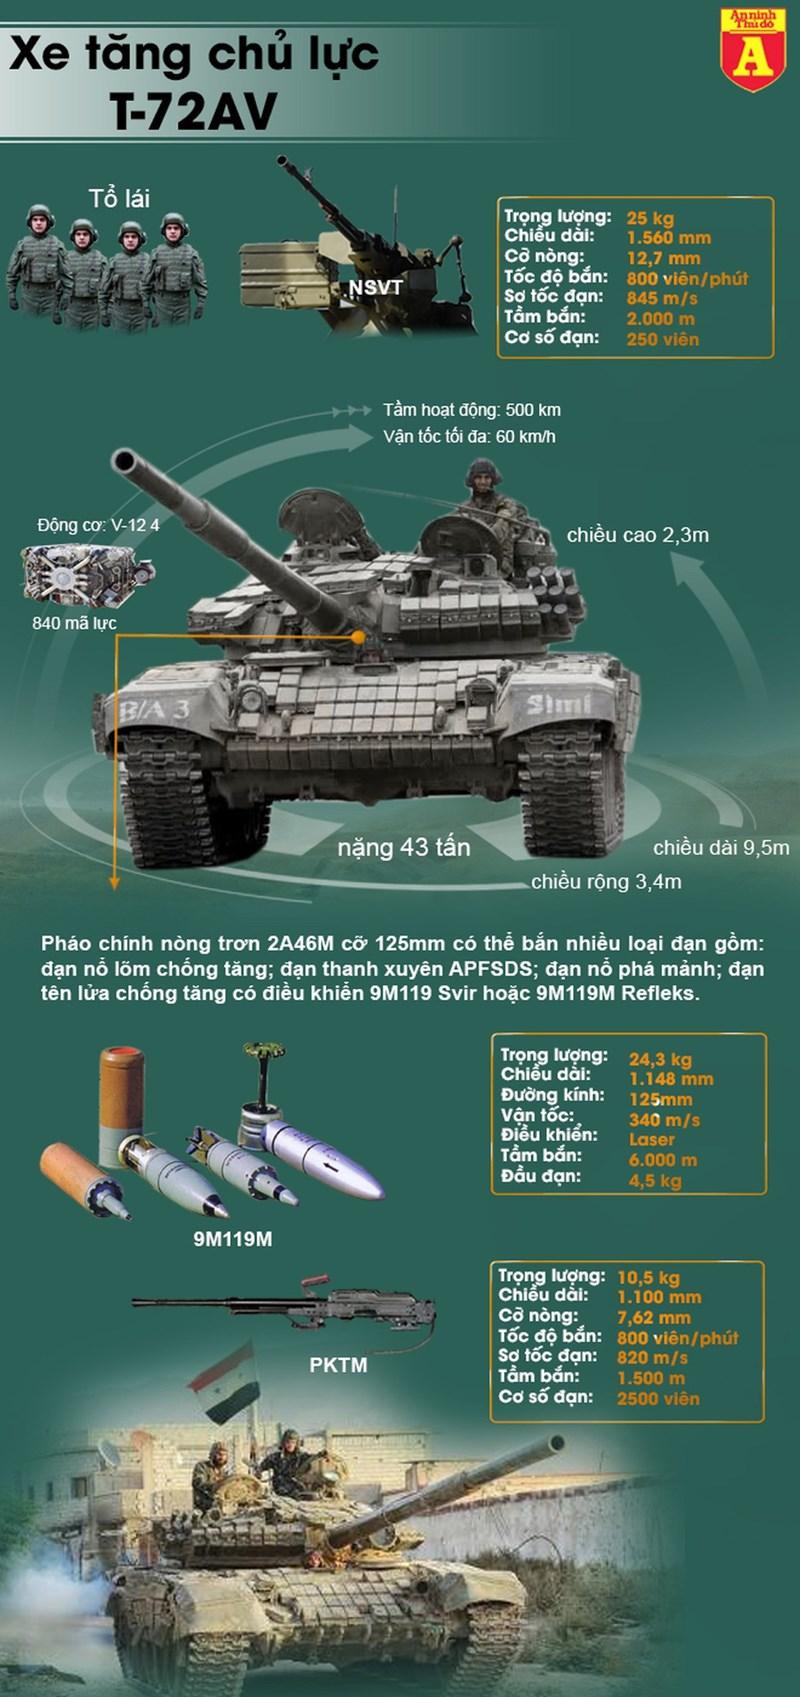 [Infographics] Phiến quân tấn công, xe tăng T-72AV Syria bị bắn nổ tung - Ảnh 1